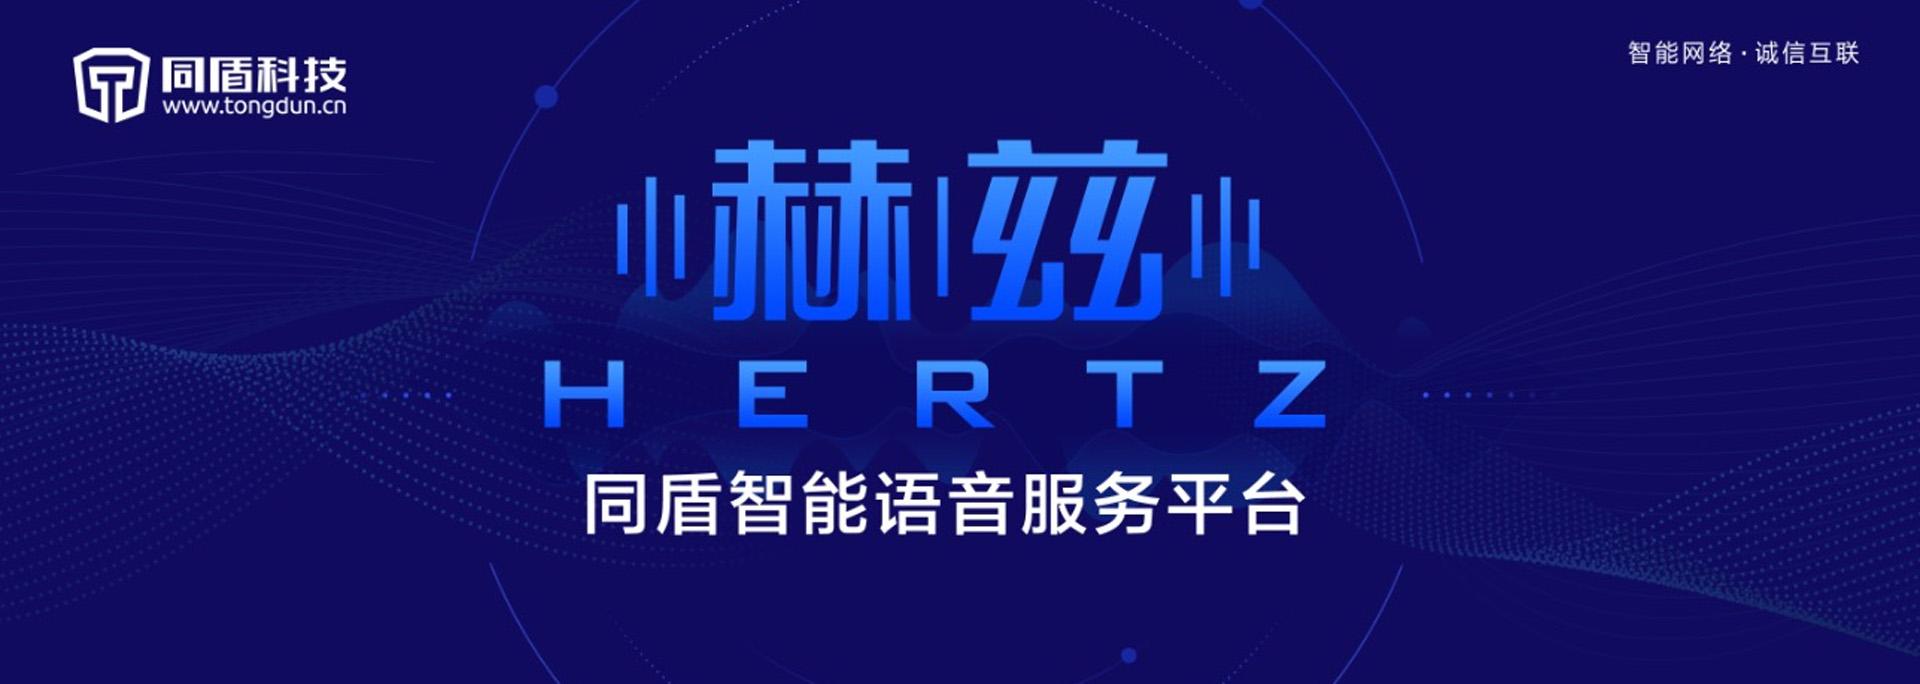 """又一重大战略级平台部署落地 同盾科技重磅发布智能语音服务平台——""""赫兹"""""""